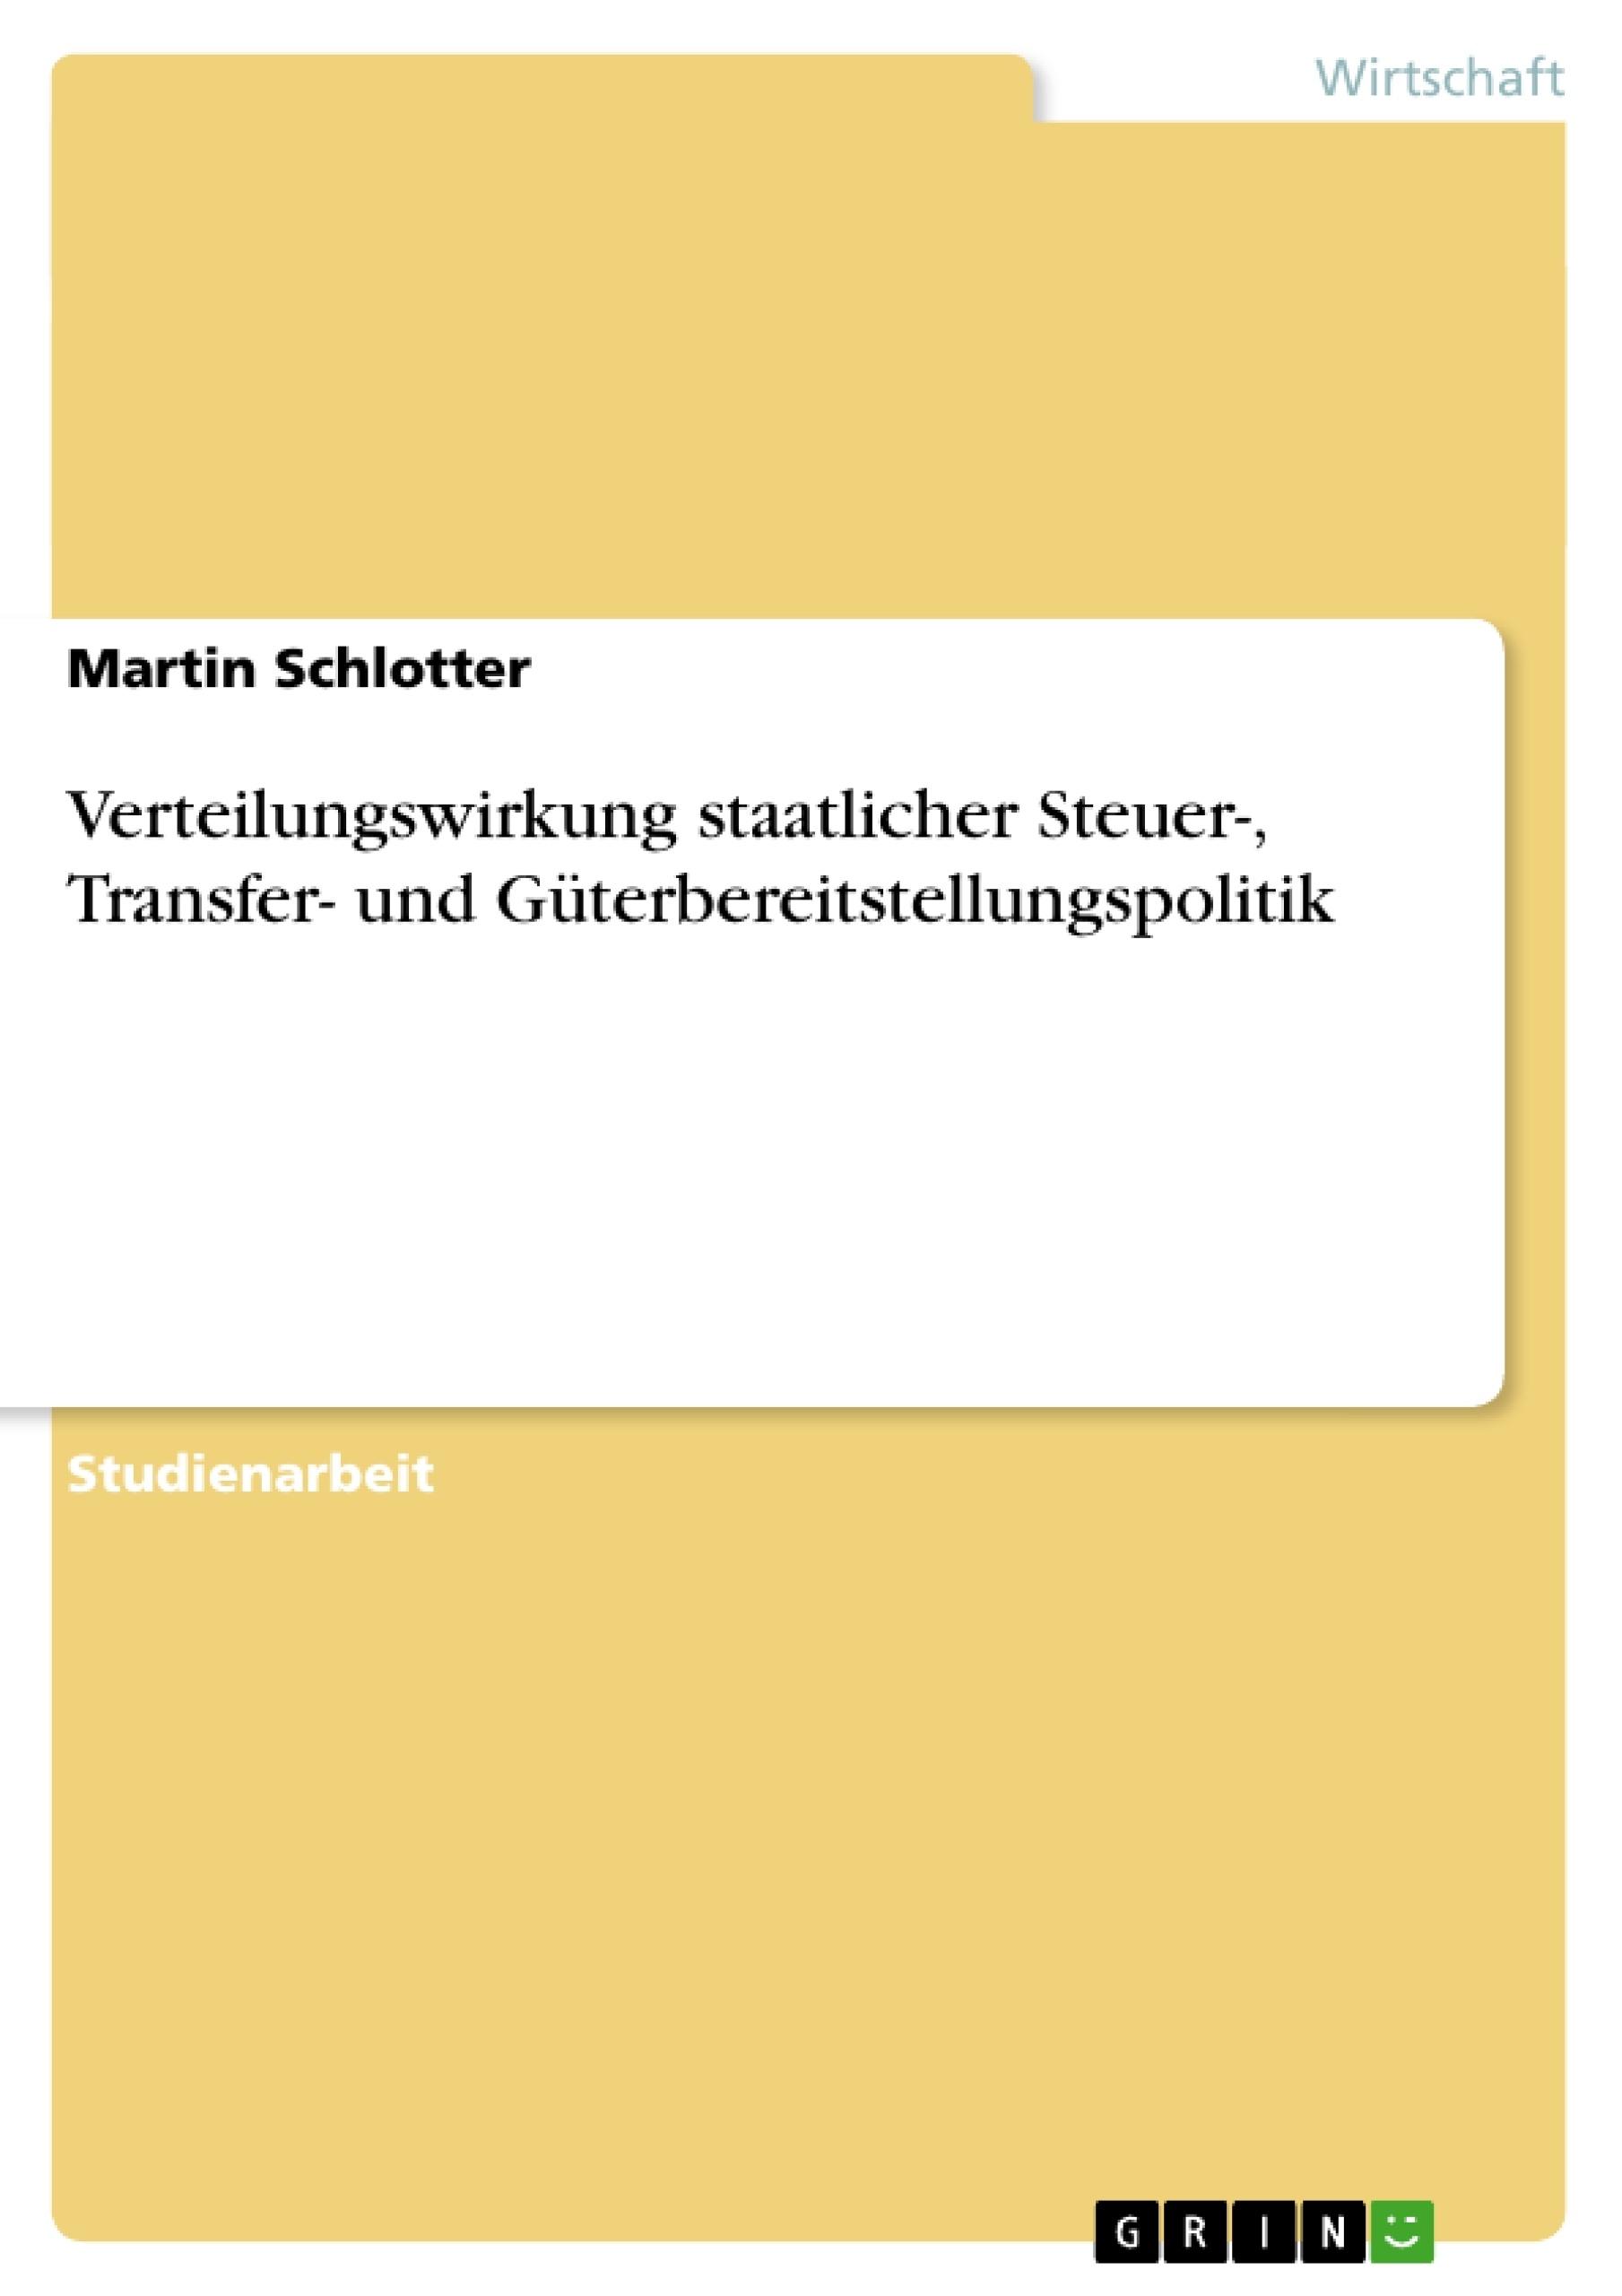 Titel: Verteilungswirkung staatlicher Steuer-, Transfer- und Güterbereitstellungspolitik